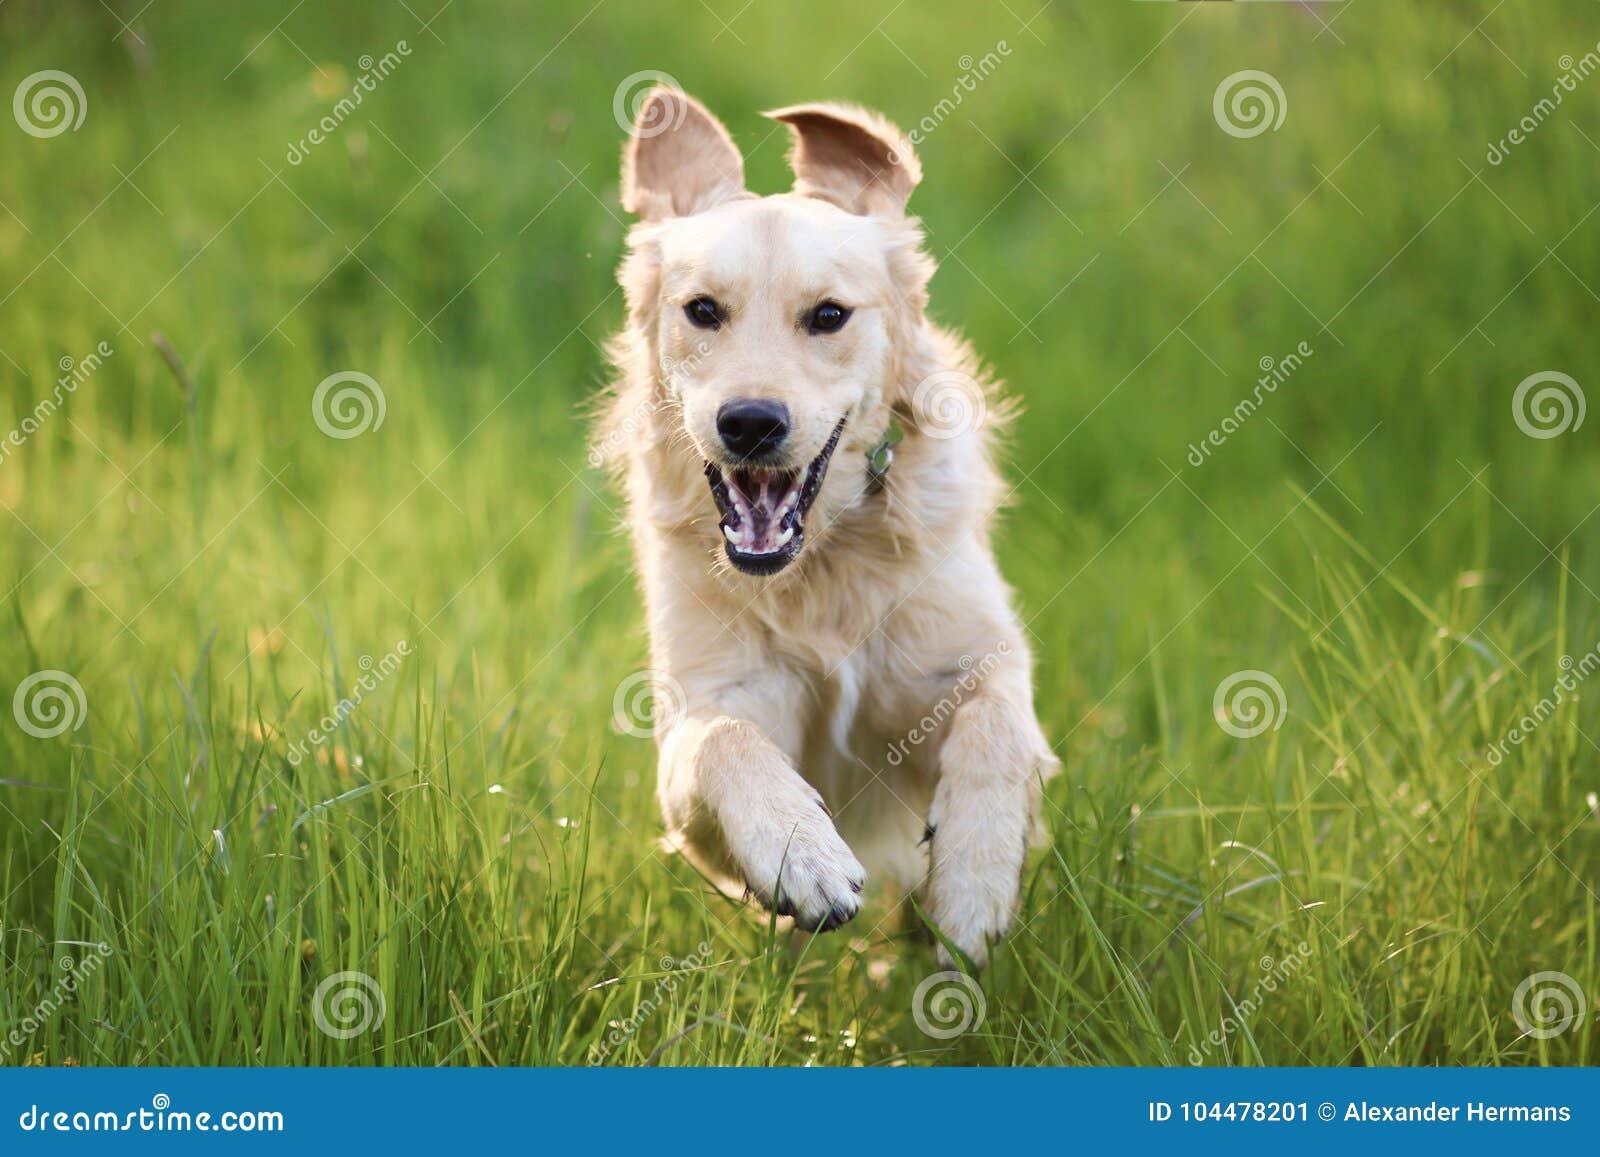 Χρυσό Retriever ευτυχές άλμα σκυλιών τρέχοντας στη κάμερα